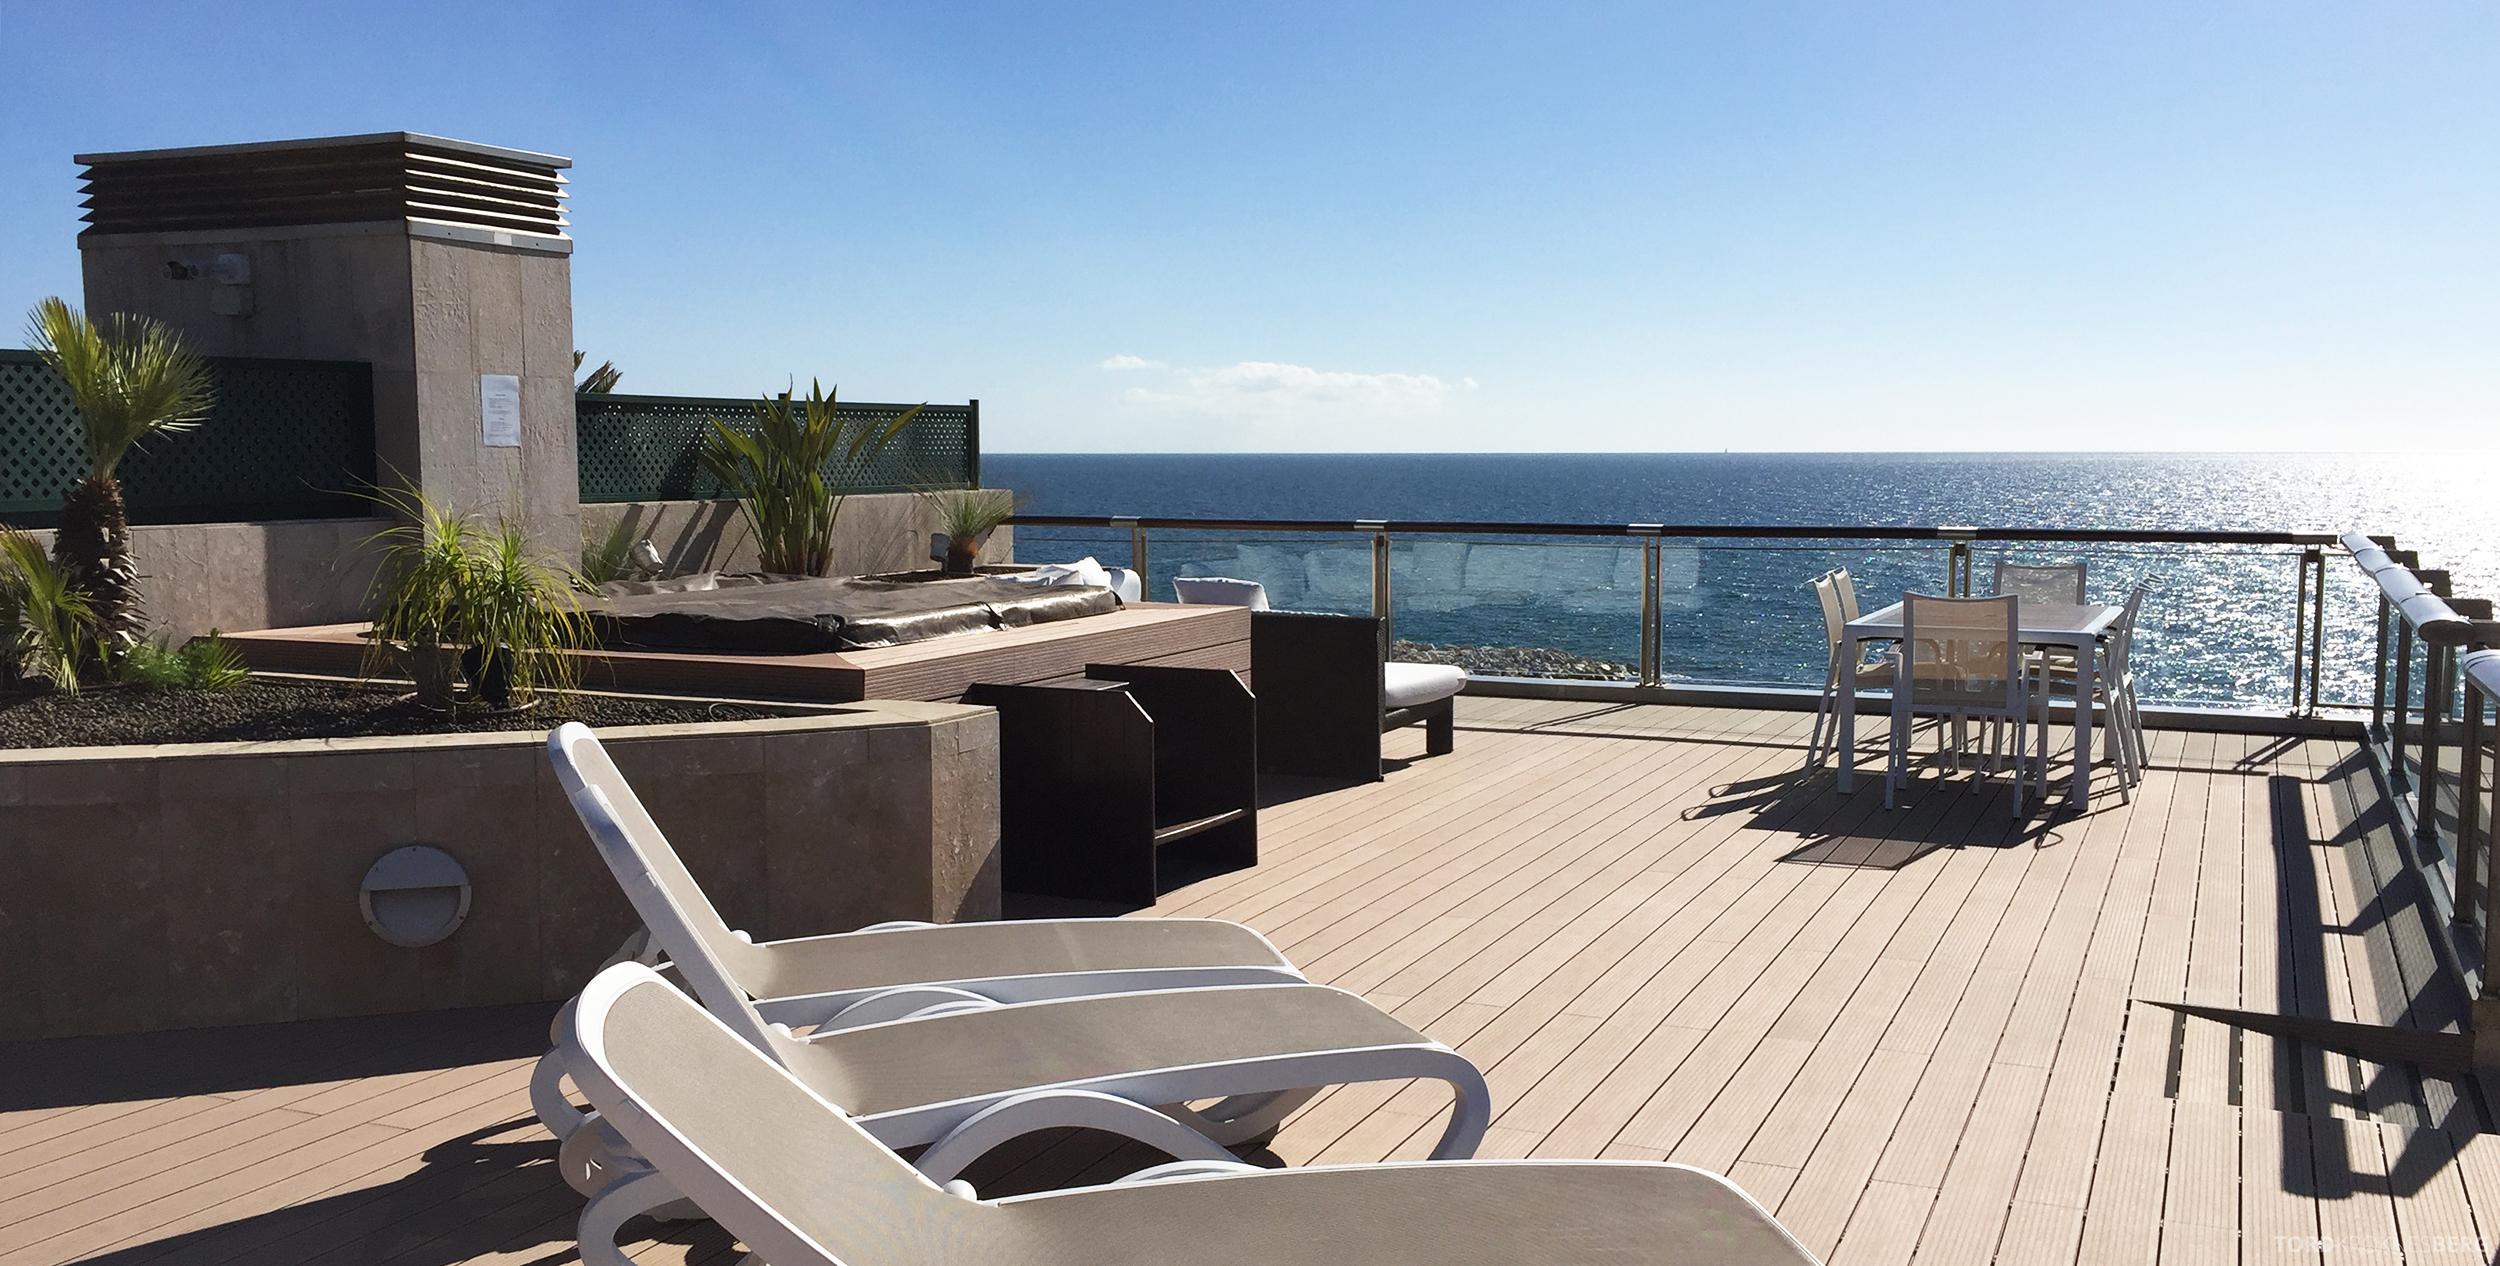 Gran Hotel Guadalpin Banus Marbella terrasse